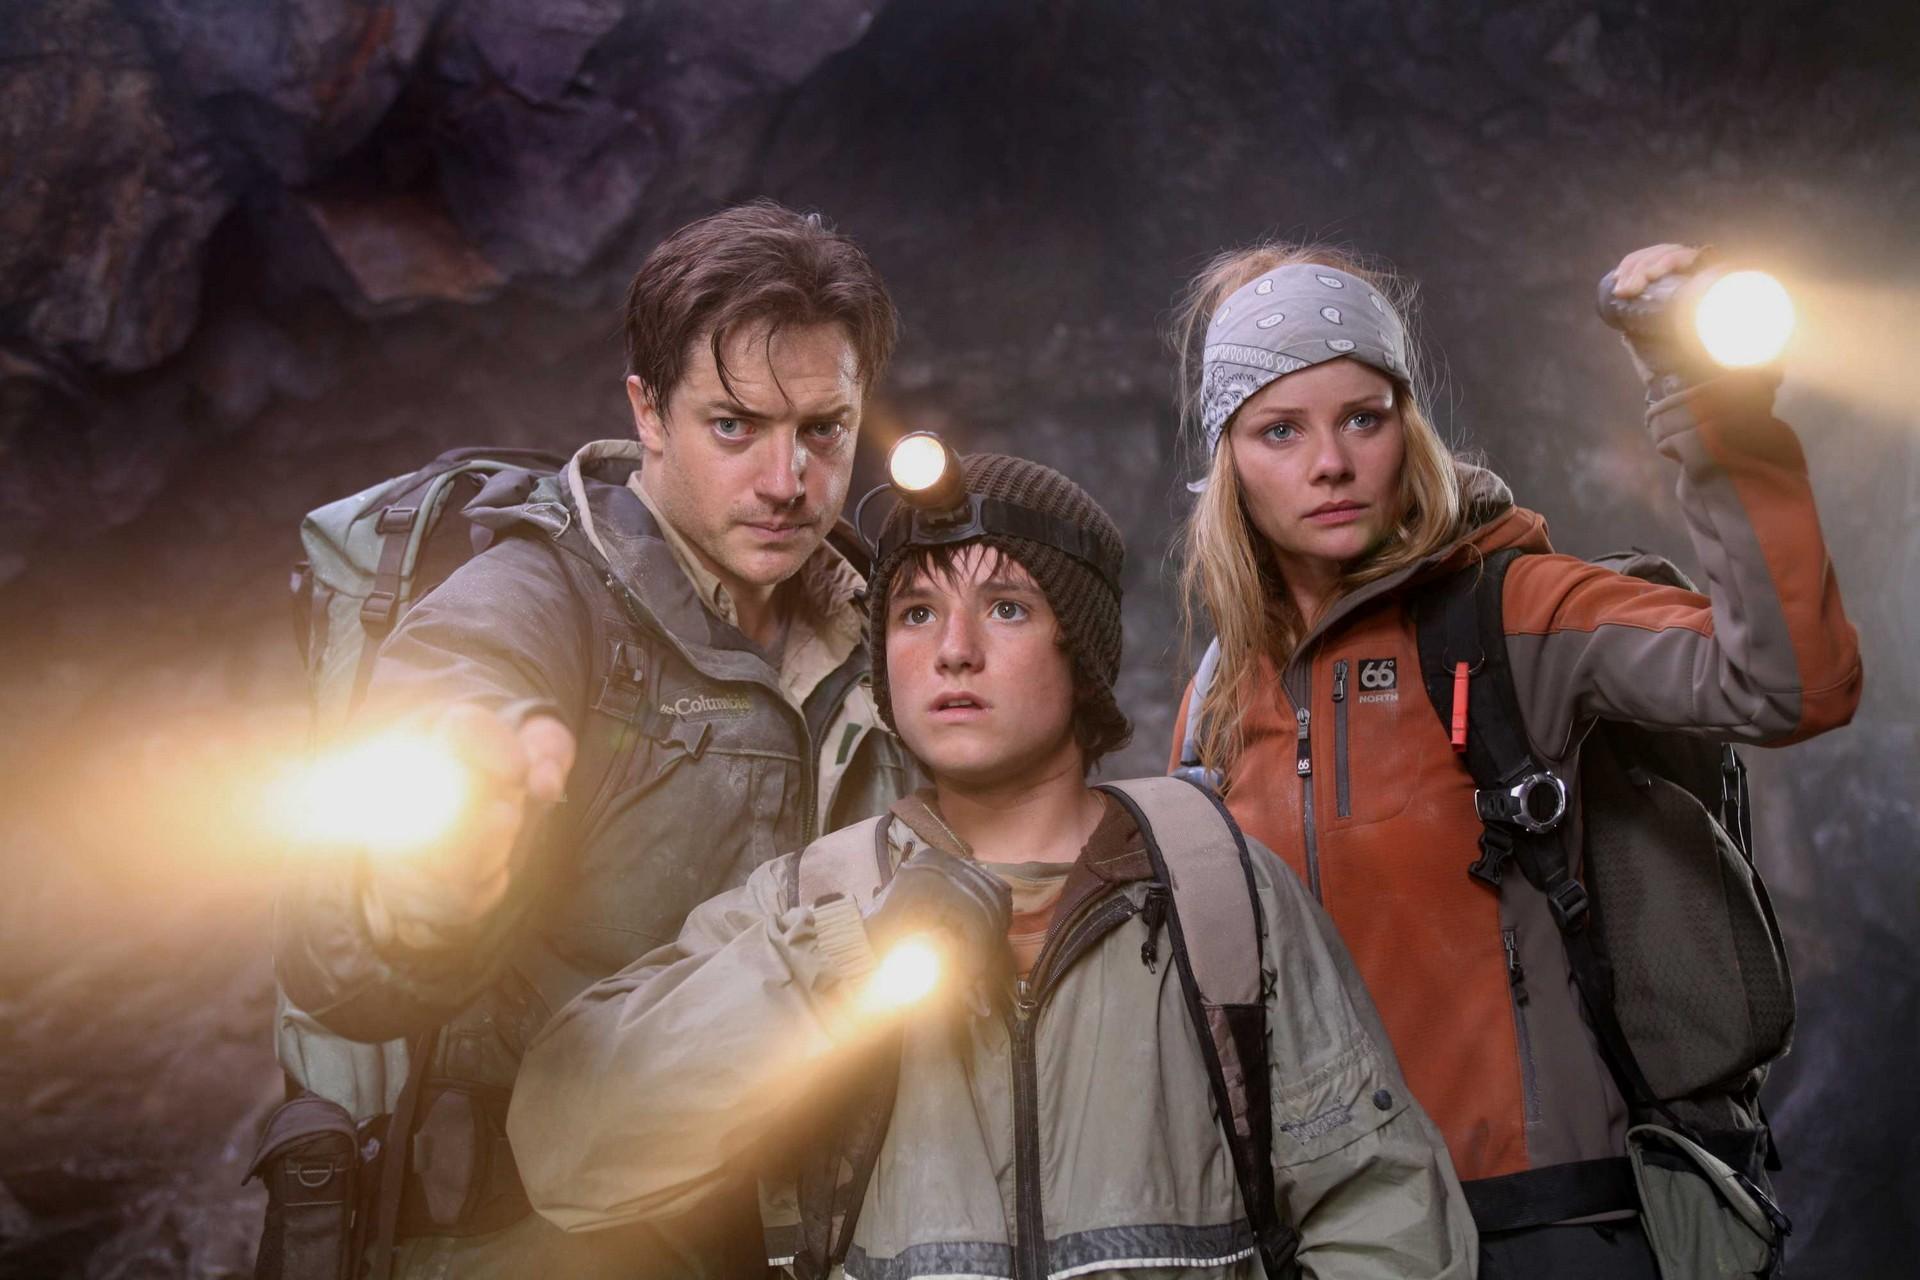 Фильм «Путешествие к центру Земли» / Journey to the Center of the Earth  (2008) — трейлеры, дата выхода | КГ-Портал